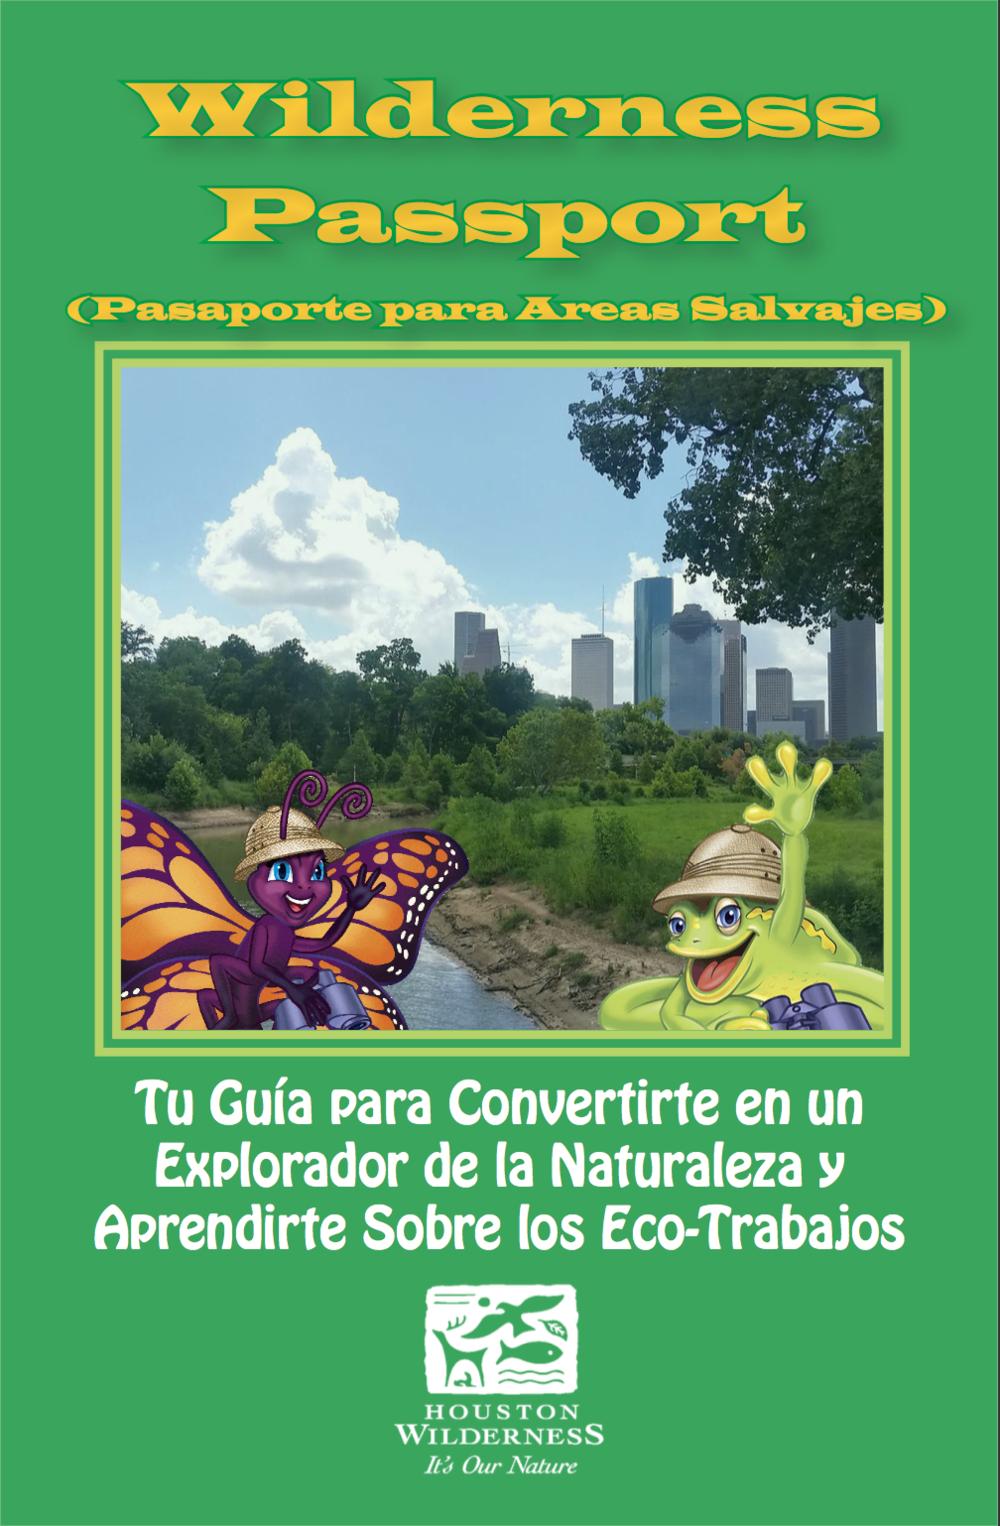 Pasaporte para Áreas Salvajes y Carreras en Conservación Ecologica (Español)